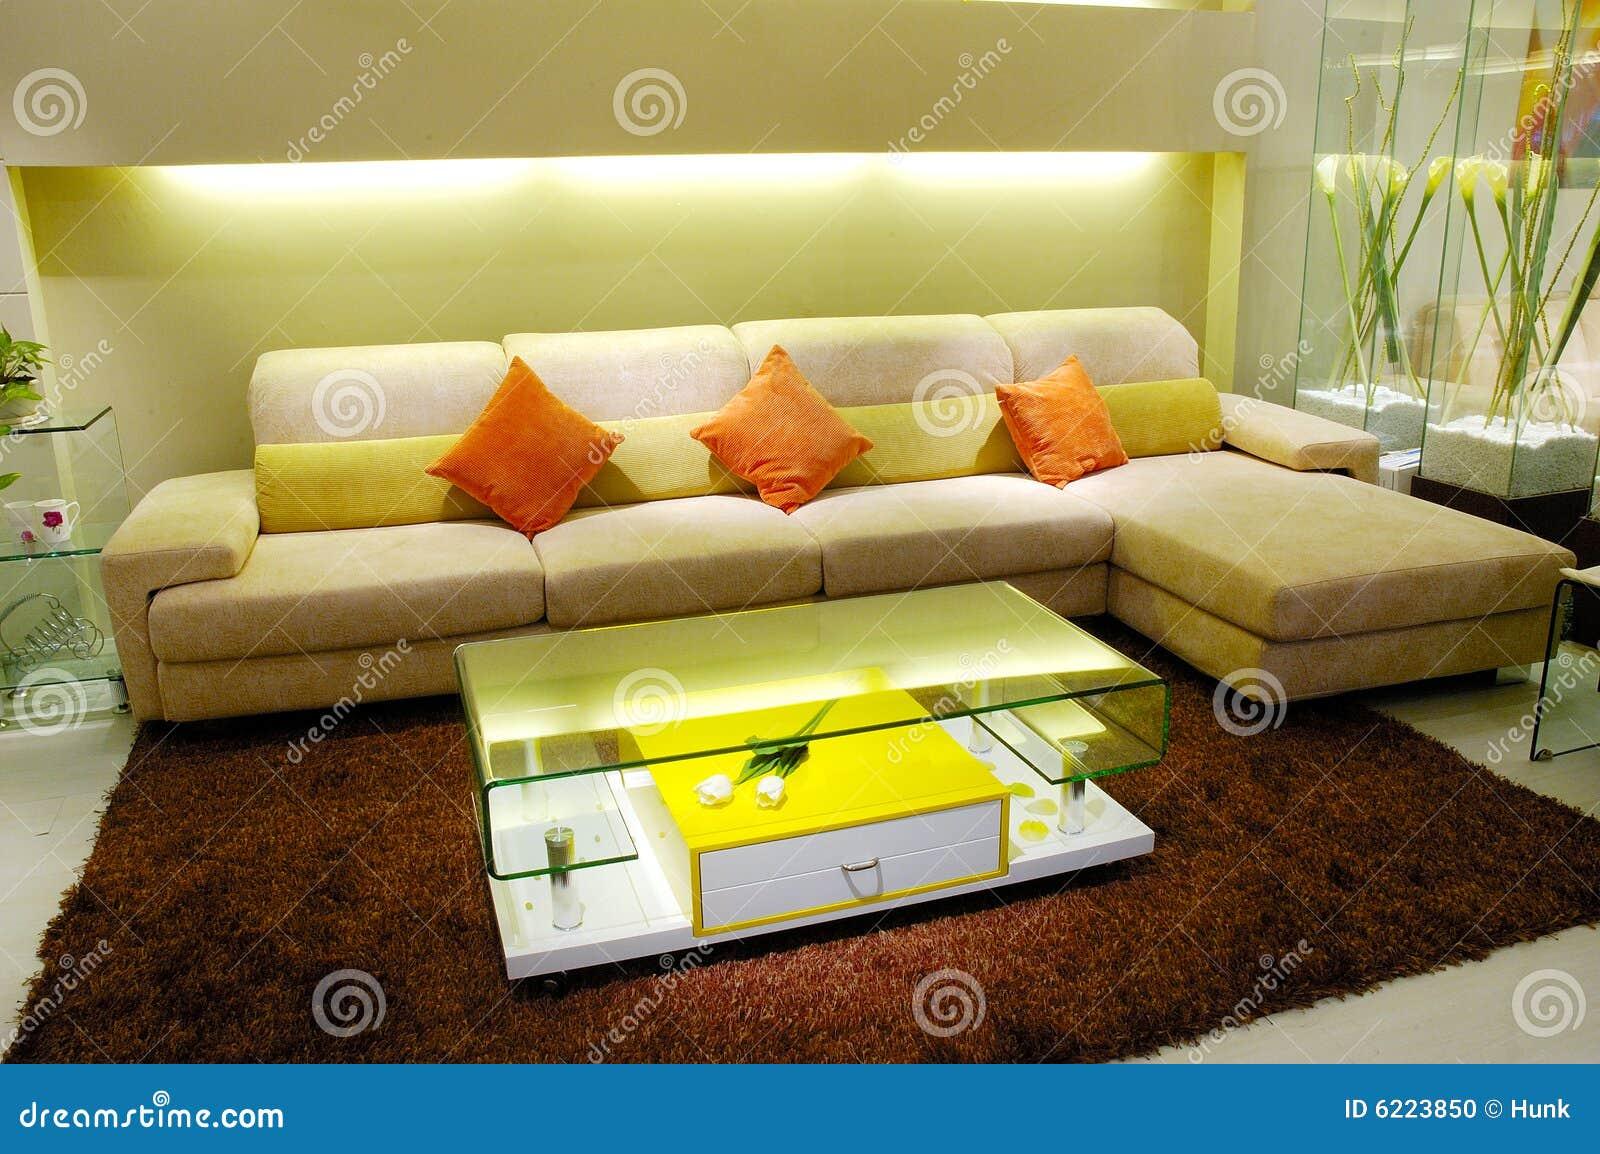 Muebles Caseros Foto de archivo - Imagen: 6223850